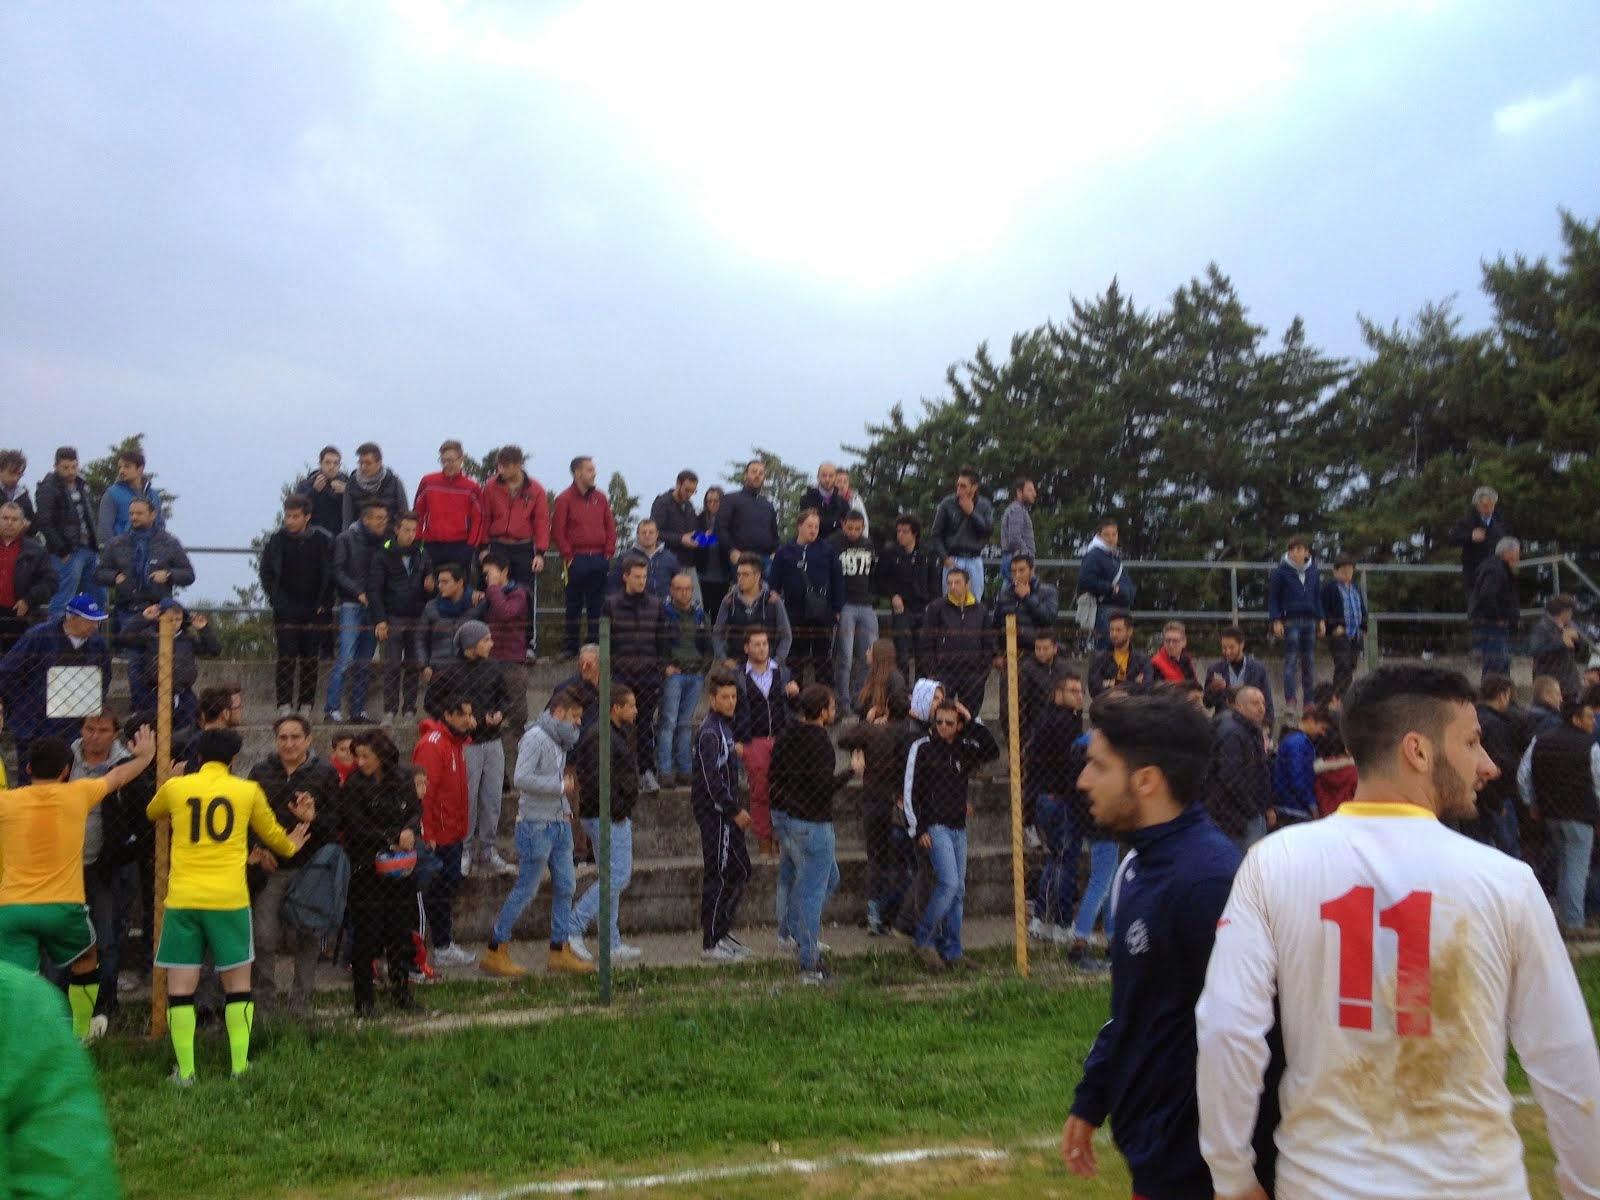 Calcio. Finisce 0 - 0 il derby Giuliana-Corleone, ma è stata una festa di sport